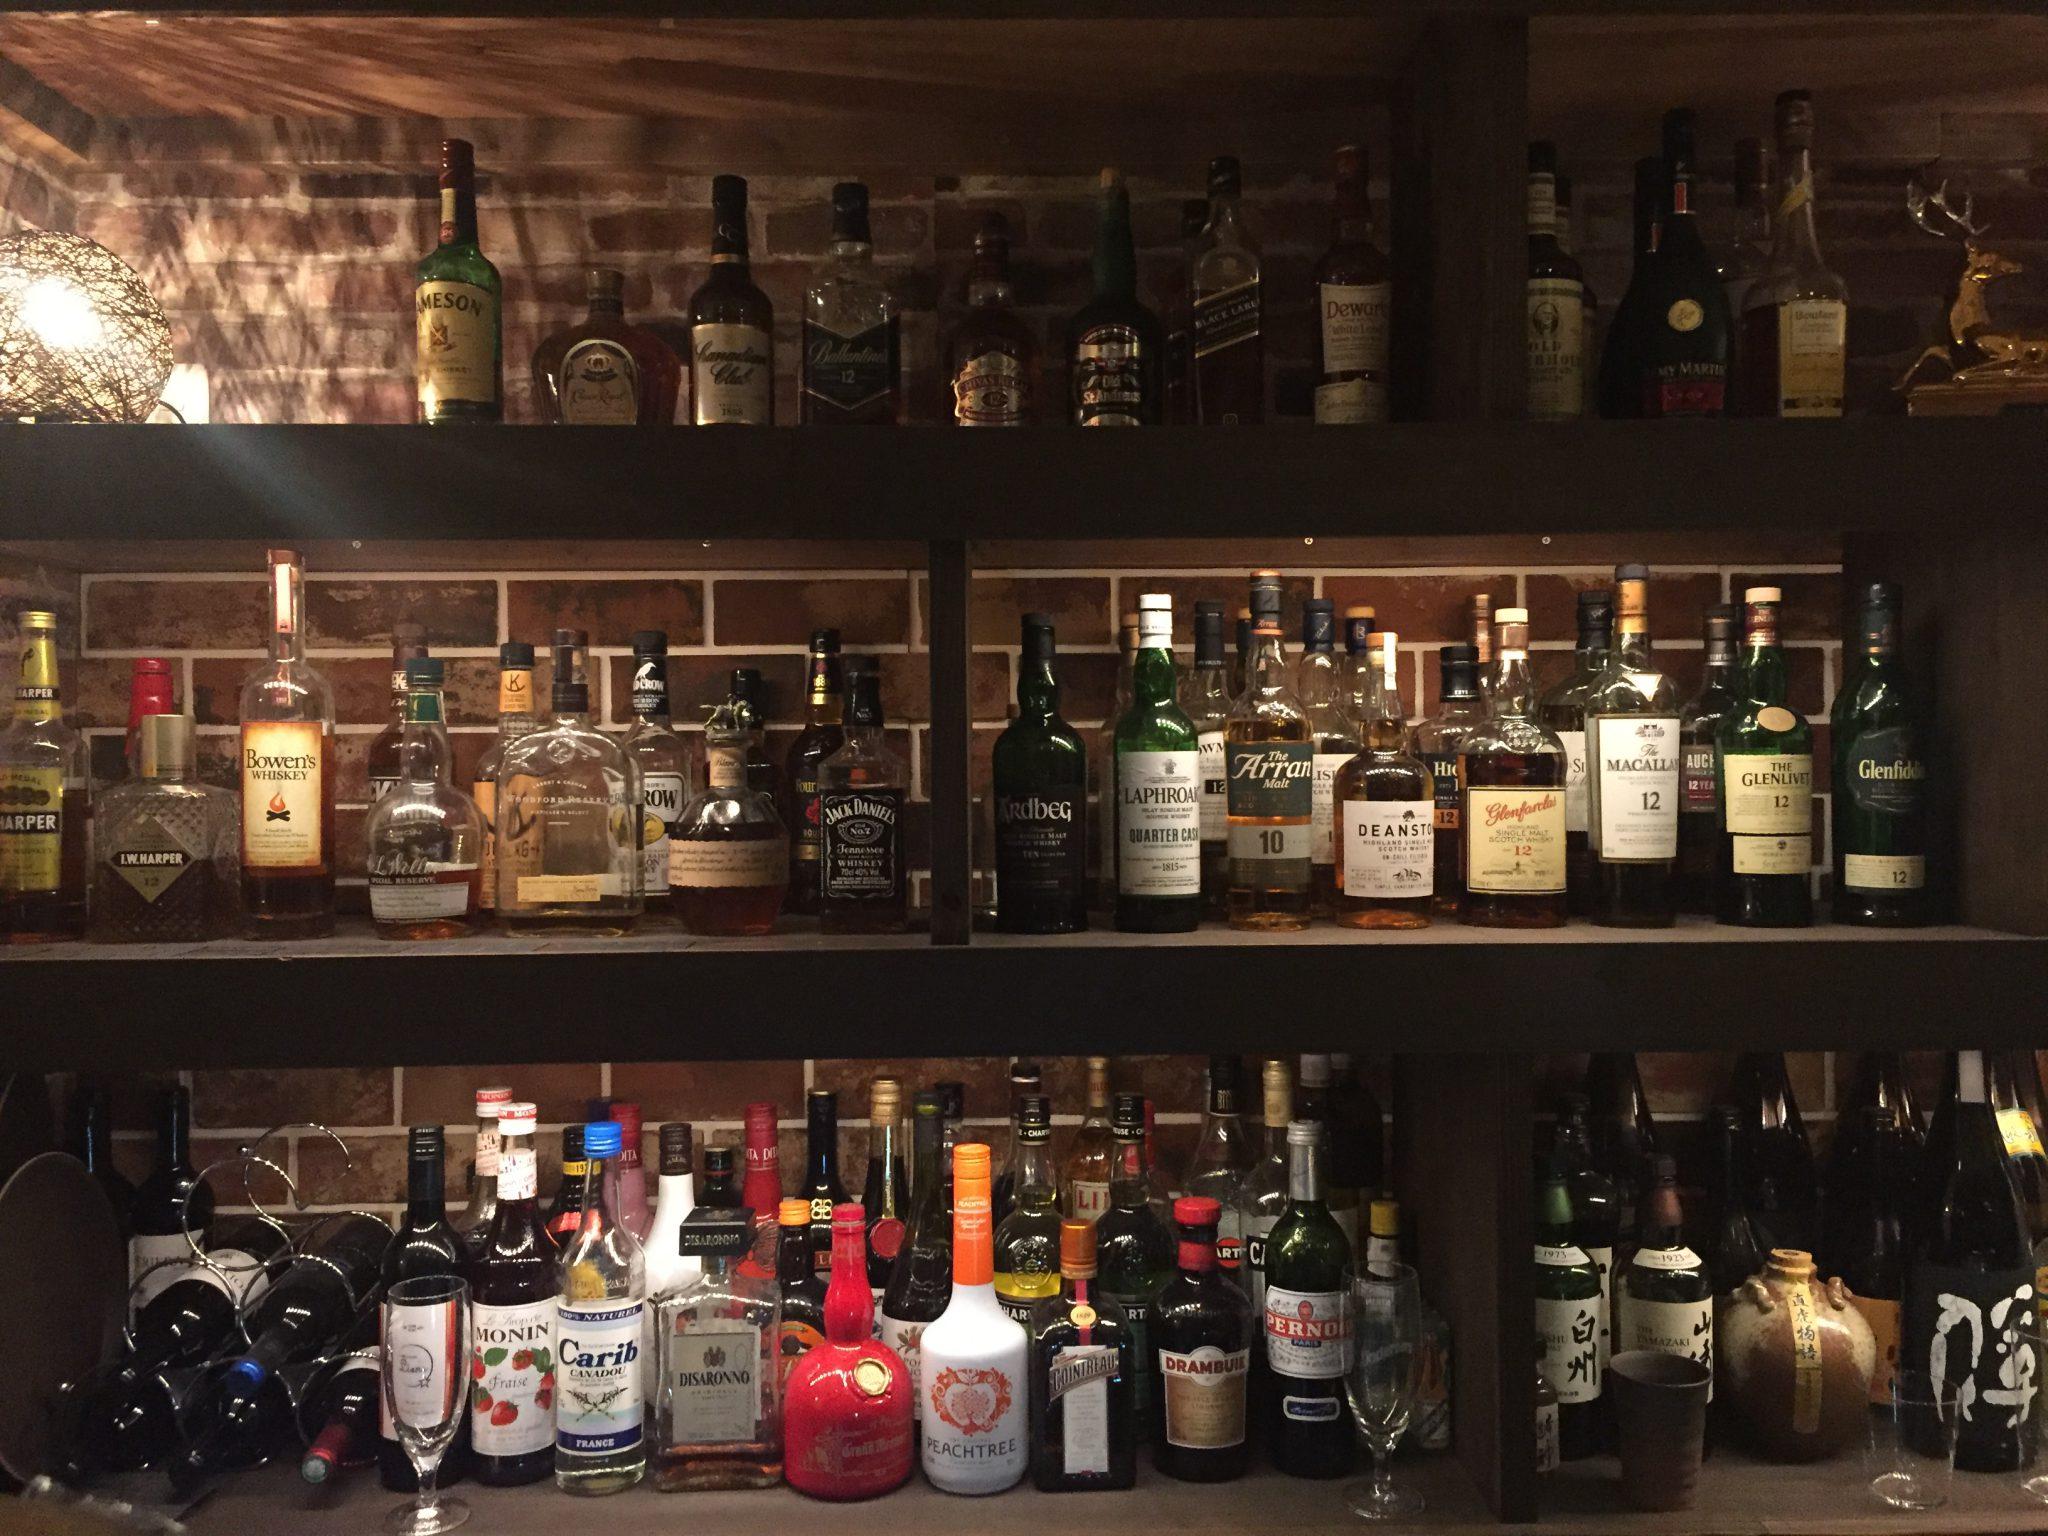 Bar&Restaurant Liens(バー・リアン)|立石のフルーツカクテルがおいしいお店で忘年会&その後は飲兵衛横丁の奥地に。。